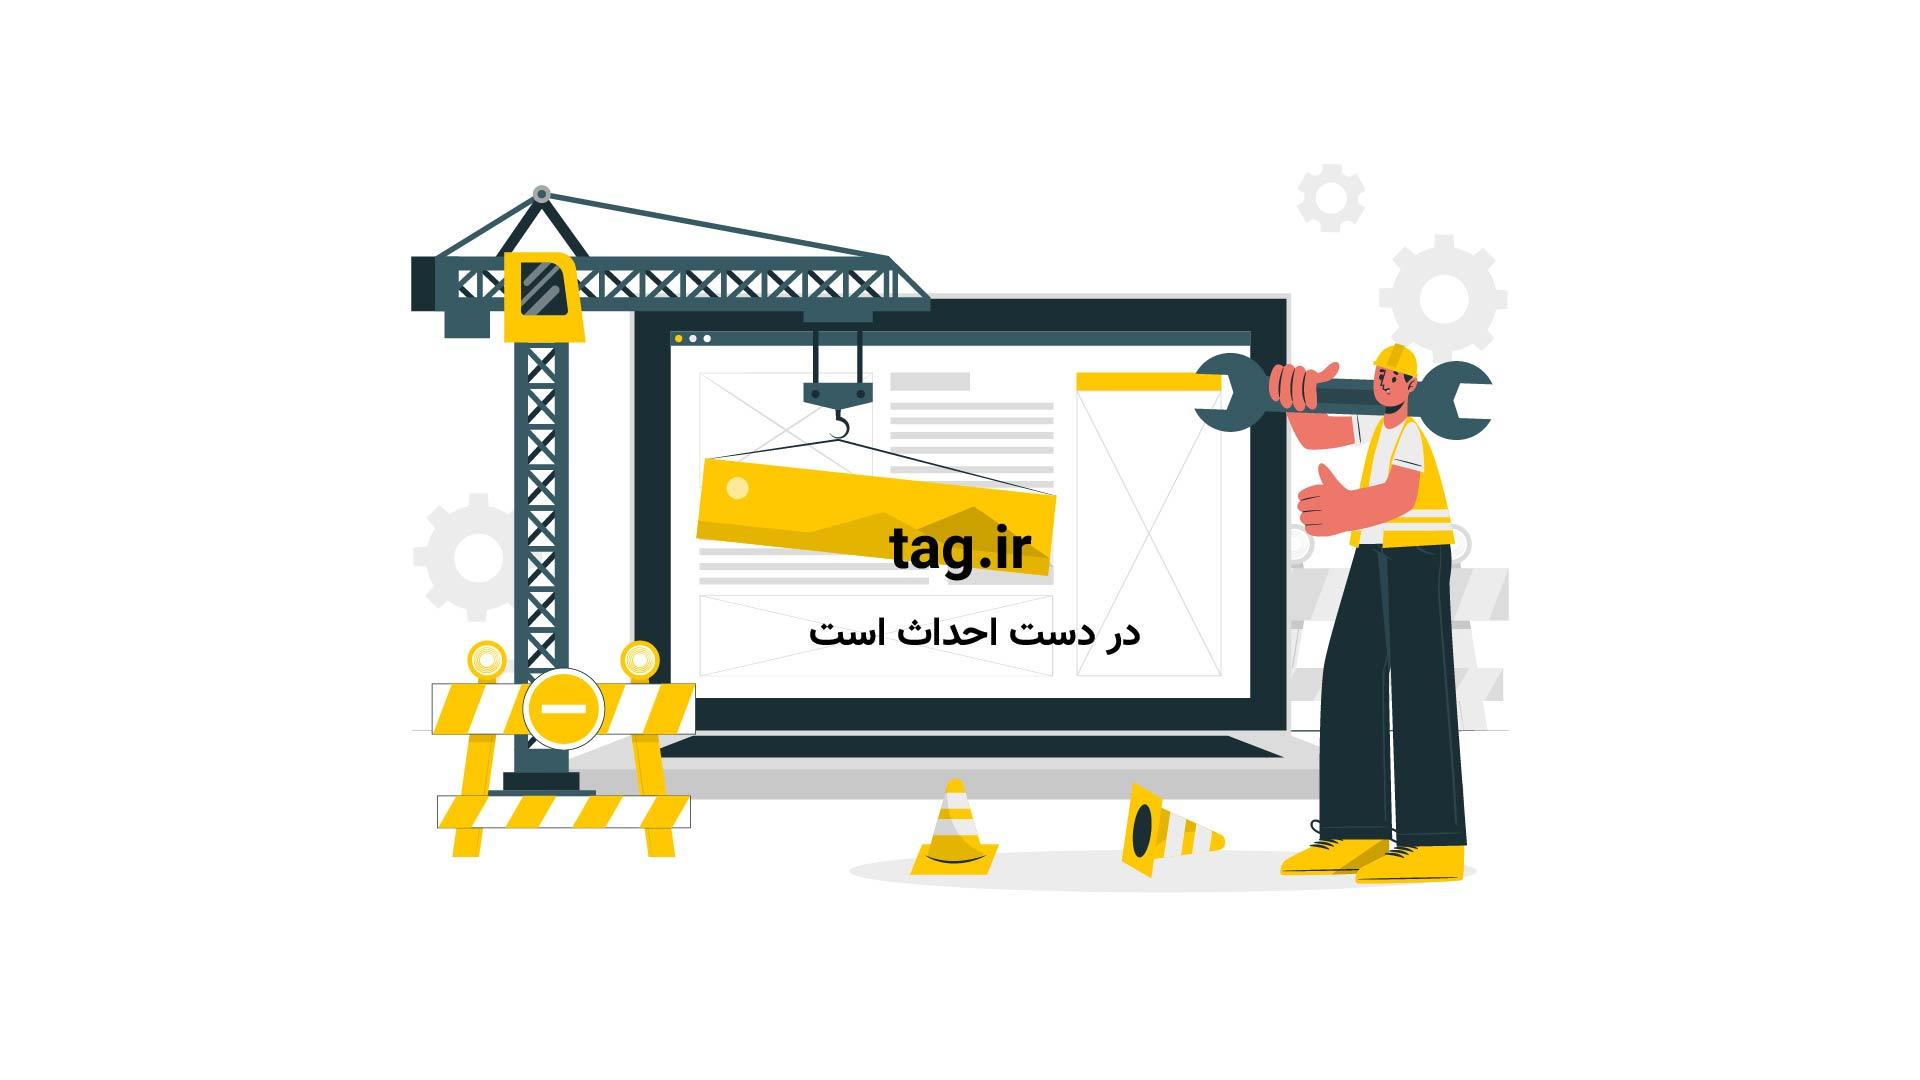 آموزش تهیه چیز کیک با طعم های مختلف | فیلم